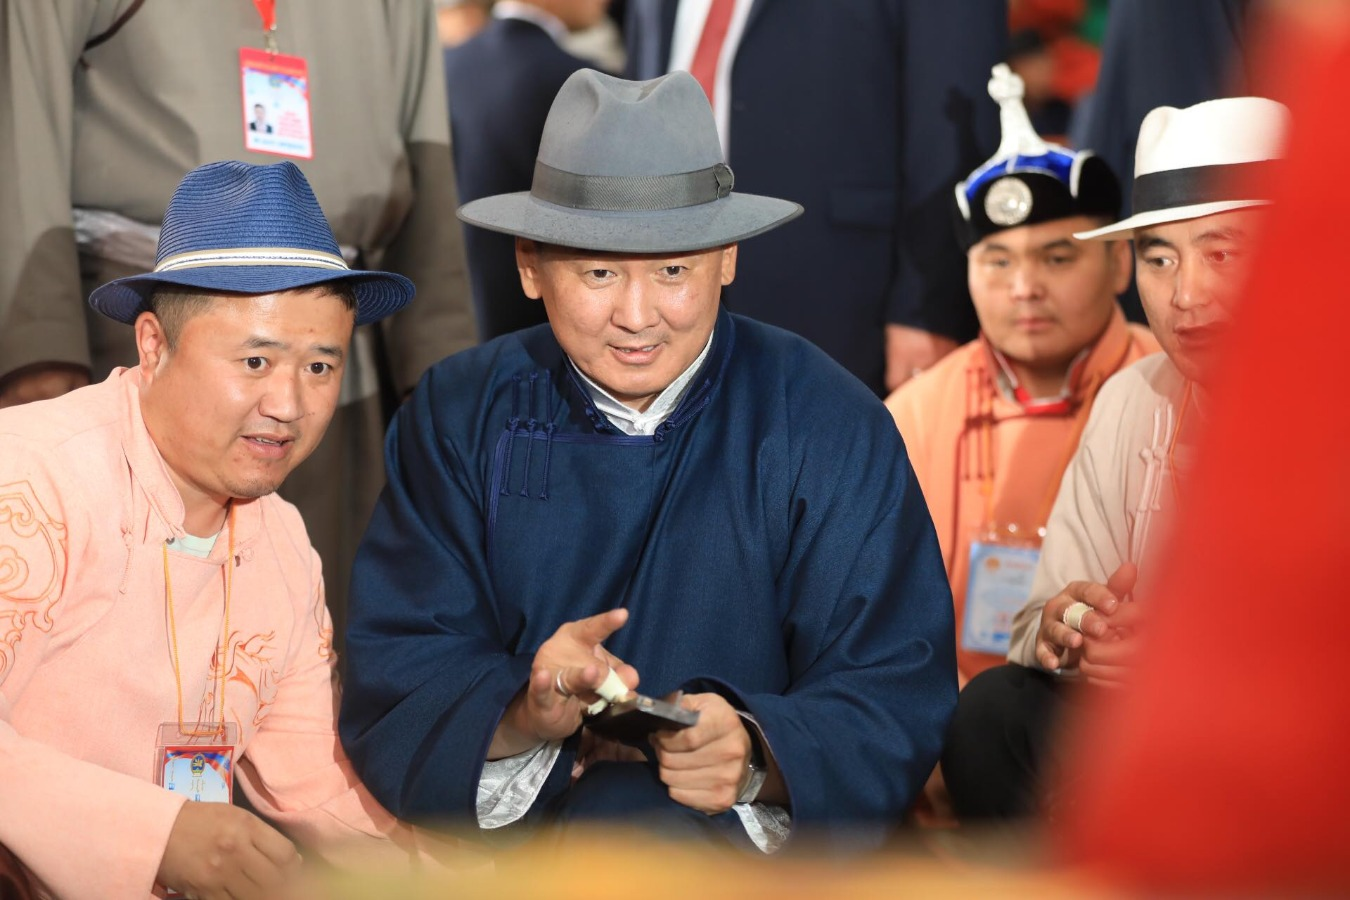 Монгол Улсын Ерөнхий сайд У.Хүрэлсүх шагай харвав